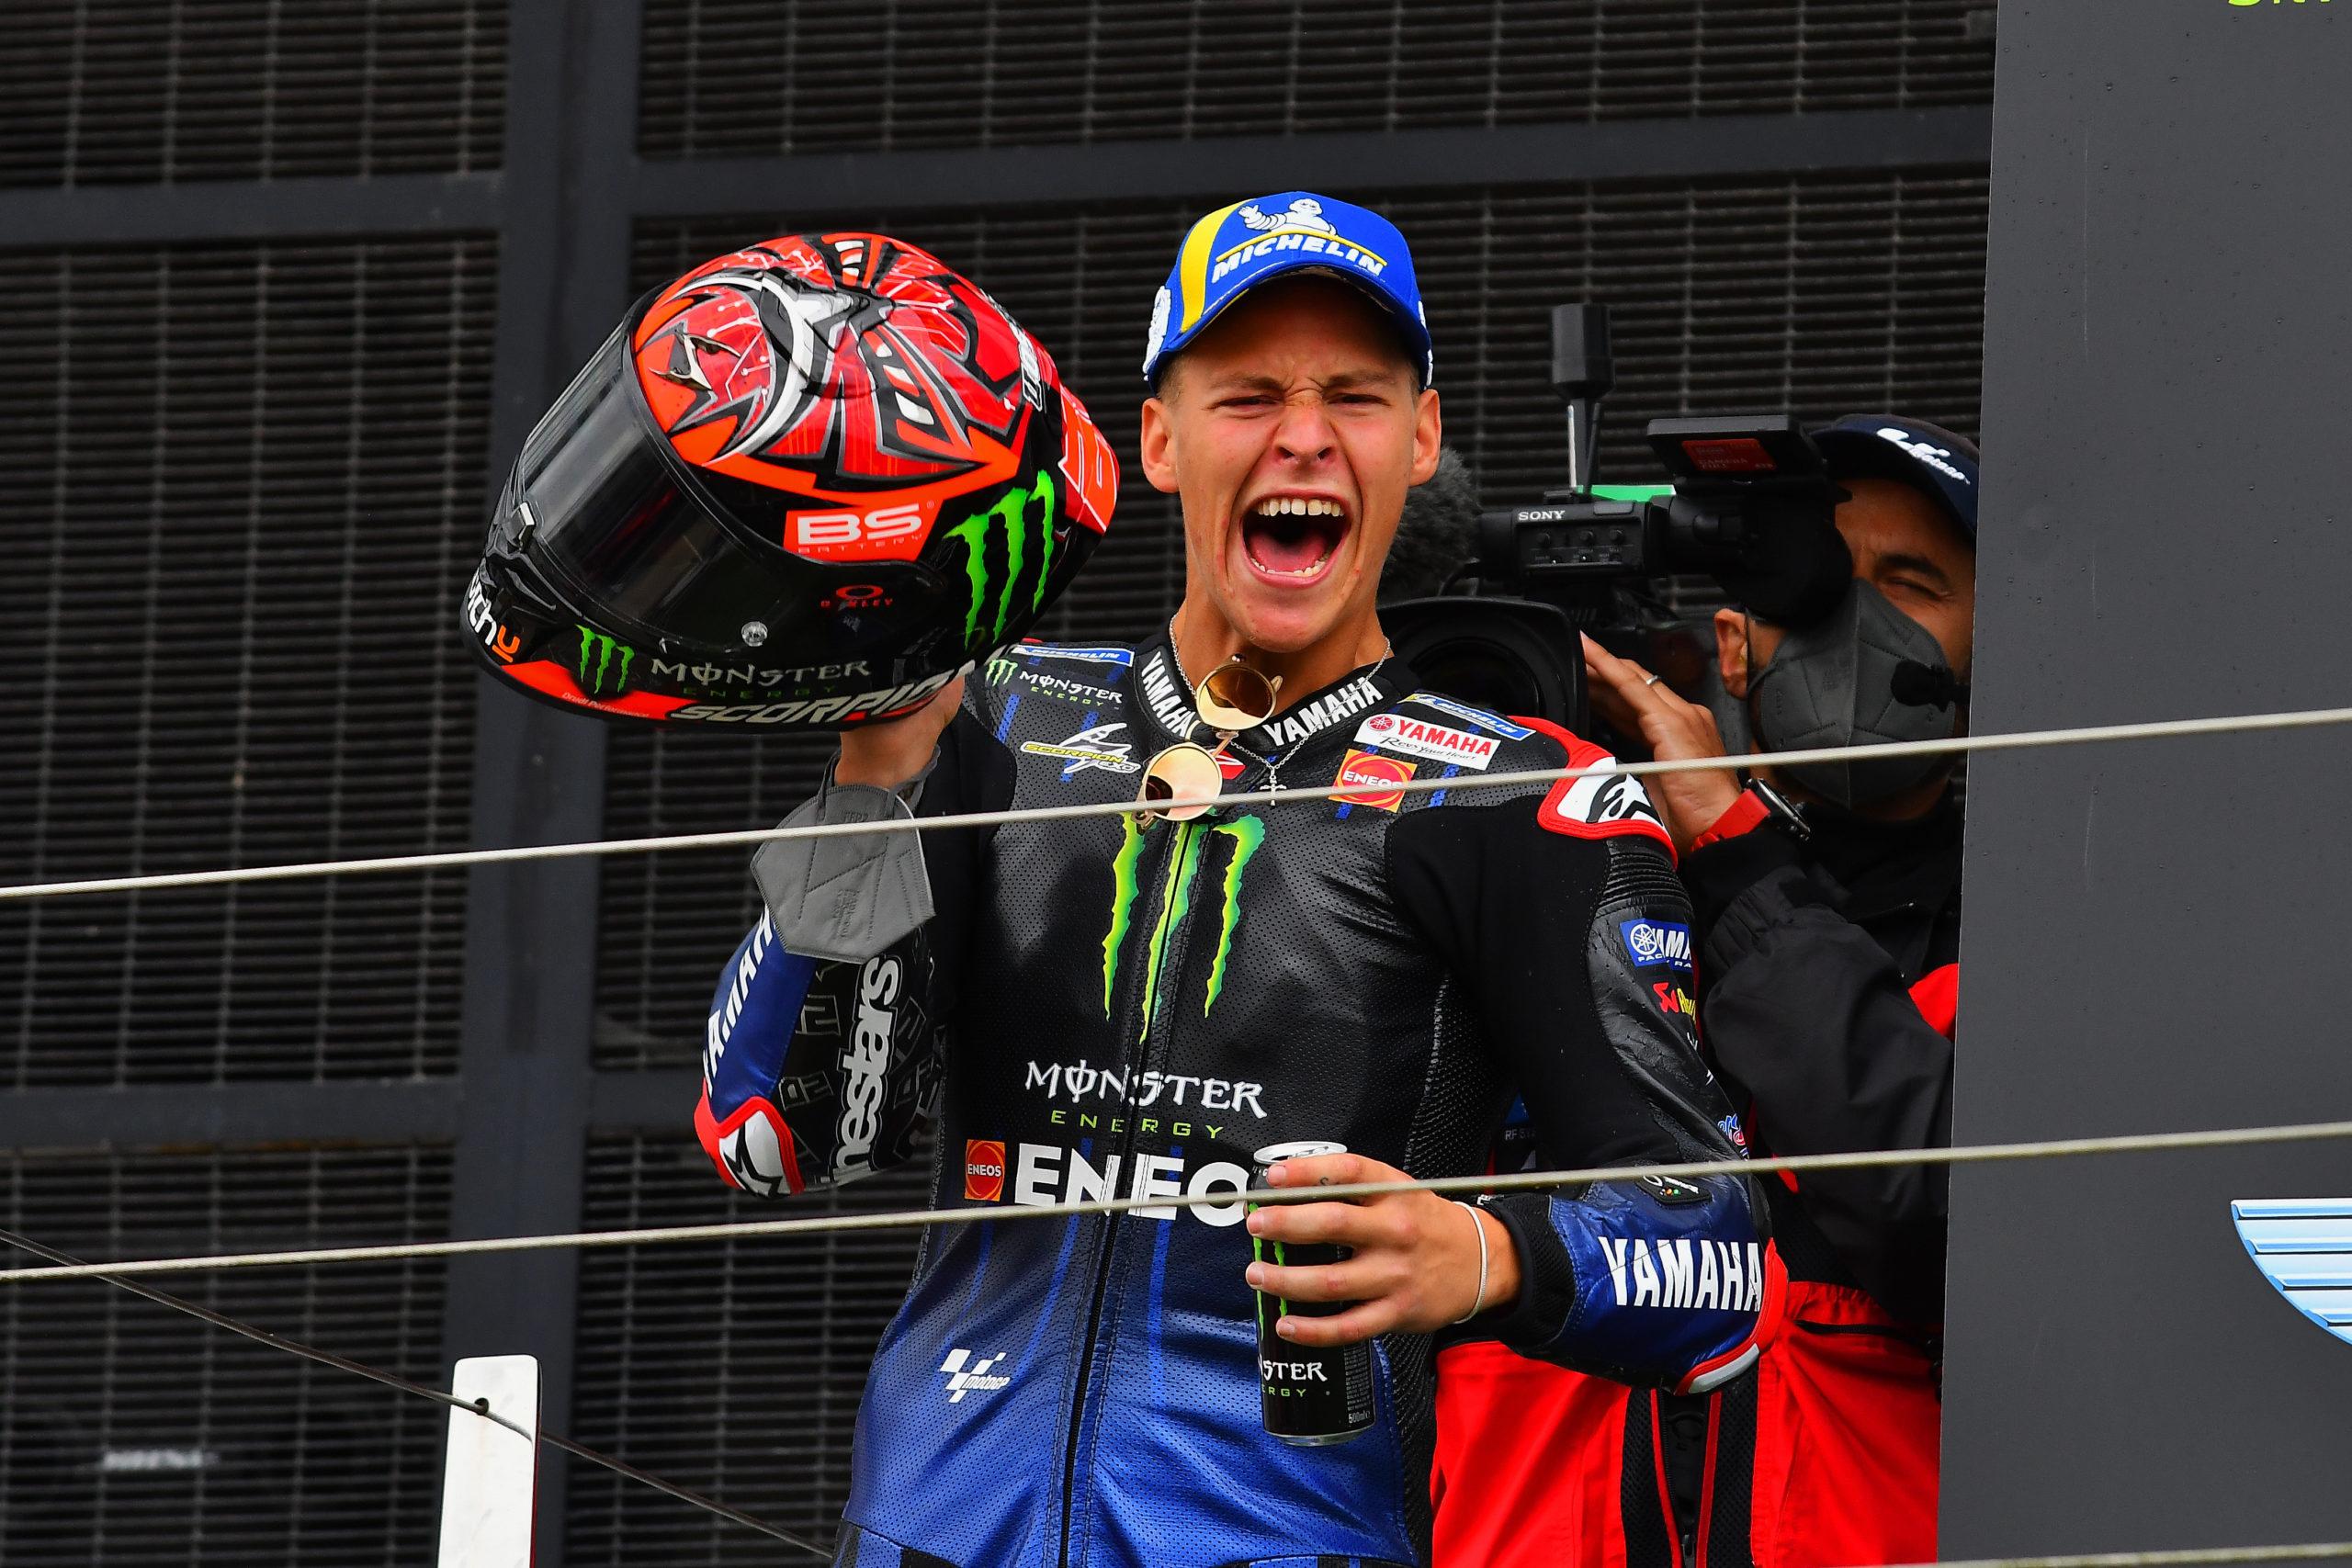 Fabio QUARTARARO takes the win at British MotoGP